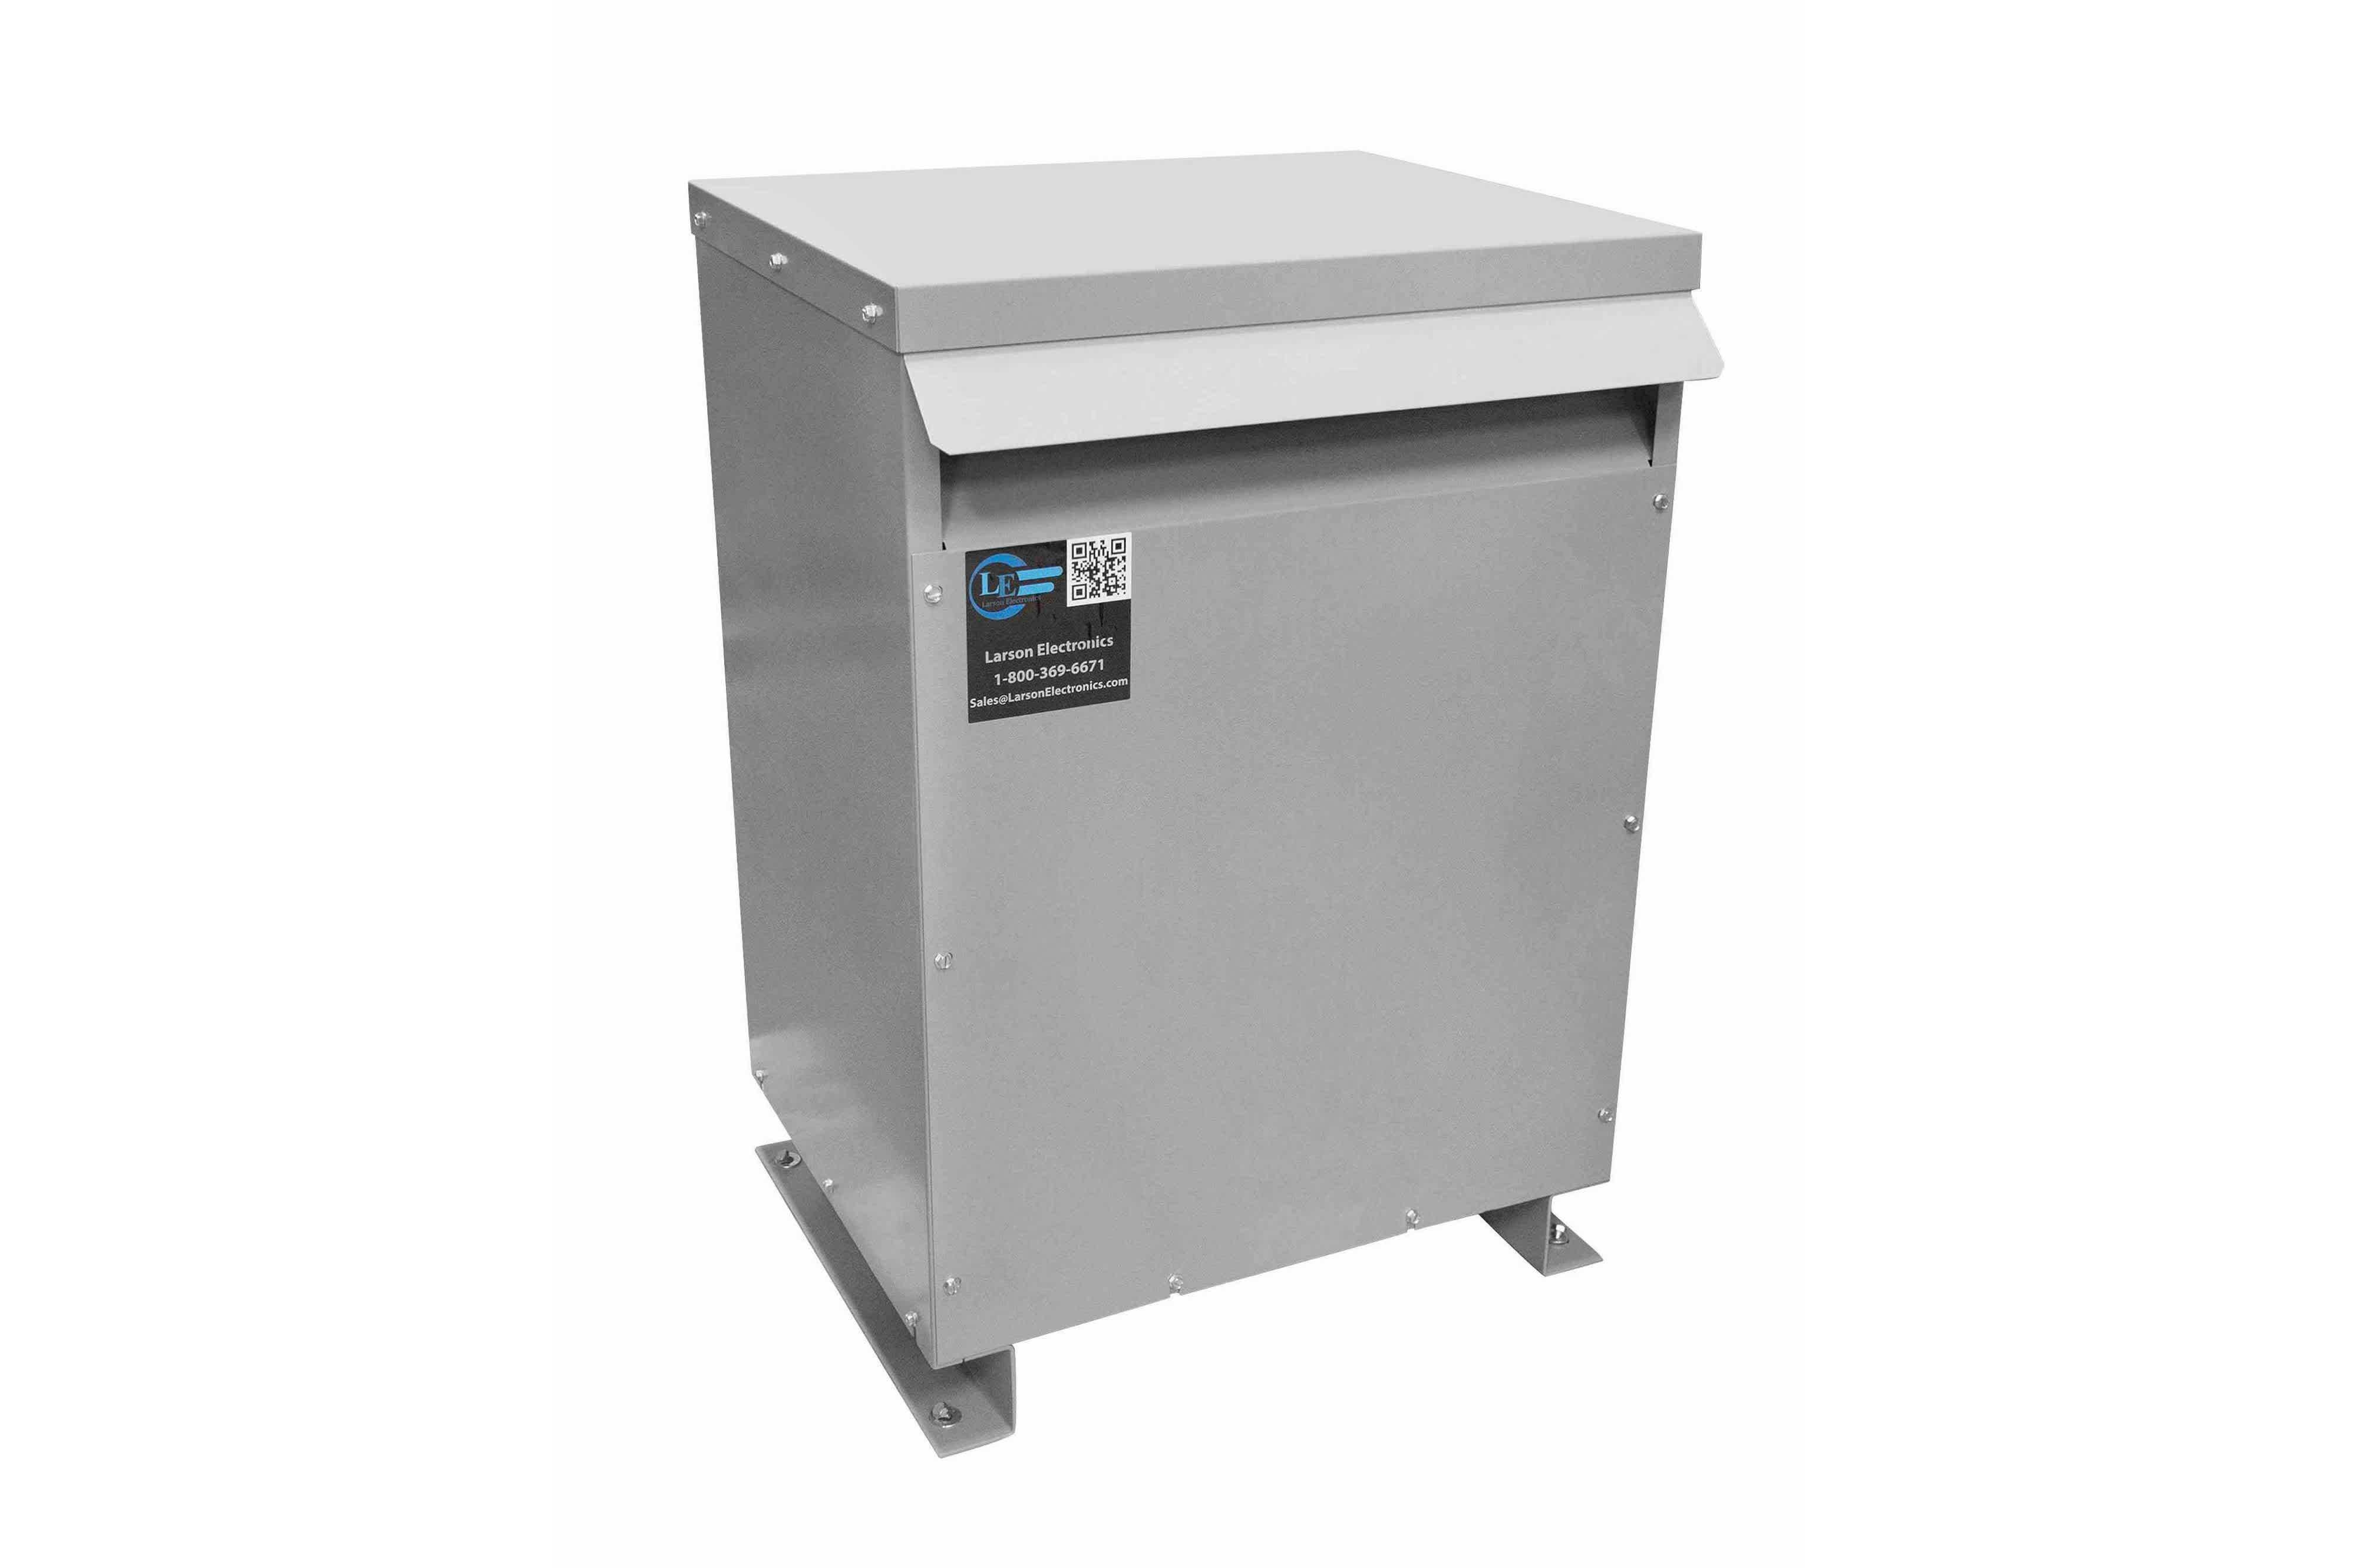 110 kVA 3PH Isolation Transformer, 480V Delta Primary, 208V Delta Secondary, N3R, Ventilated, 60 Hz